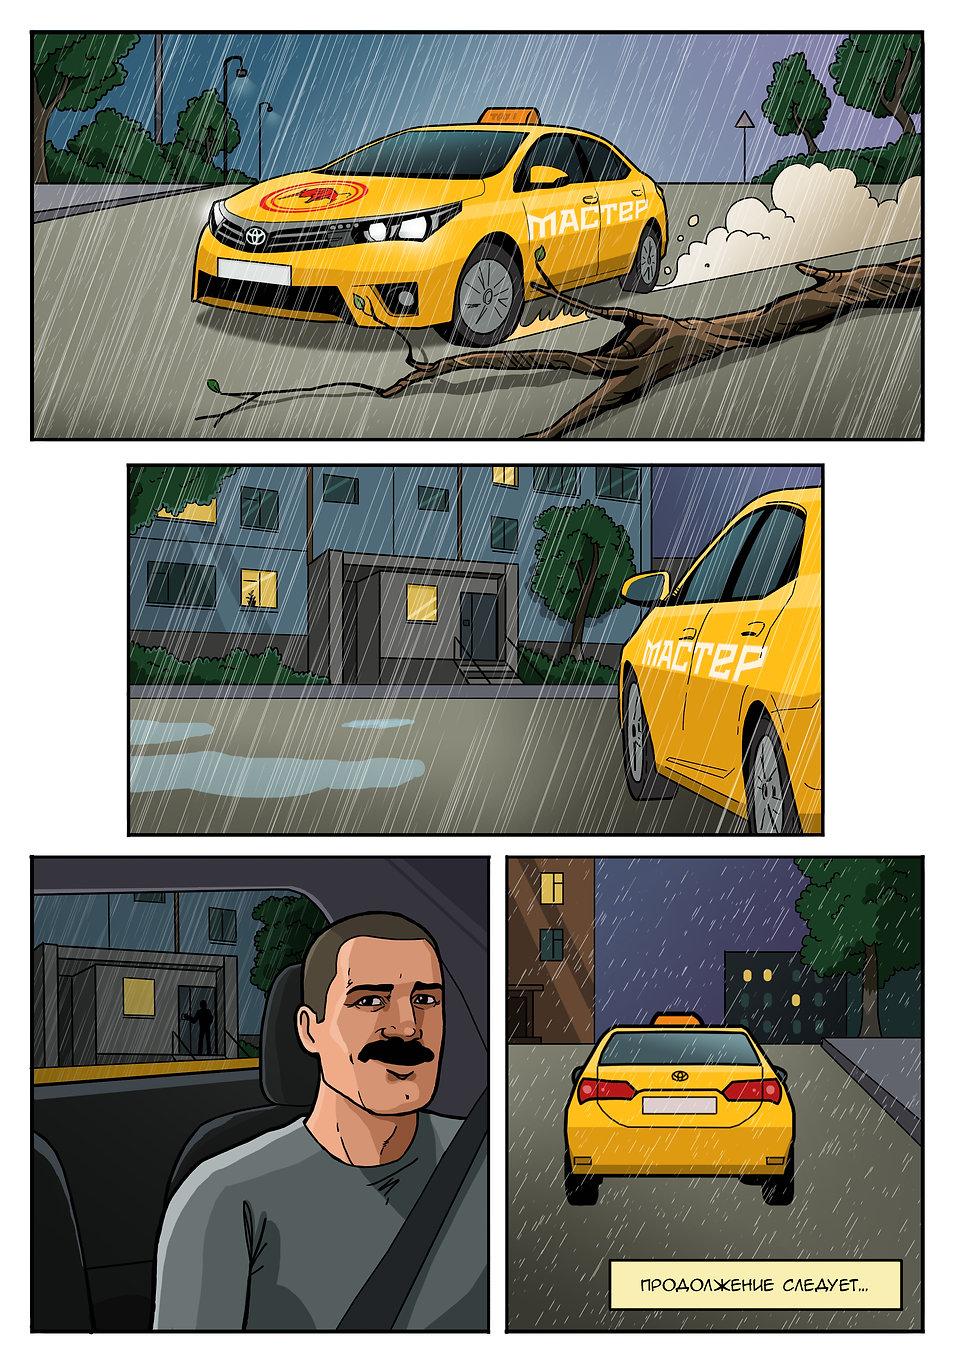 Комикс для рекламы. Такси Мастер. с4